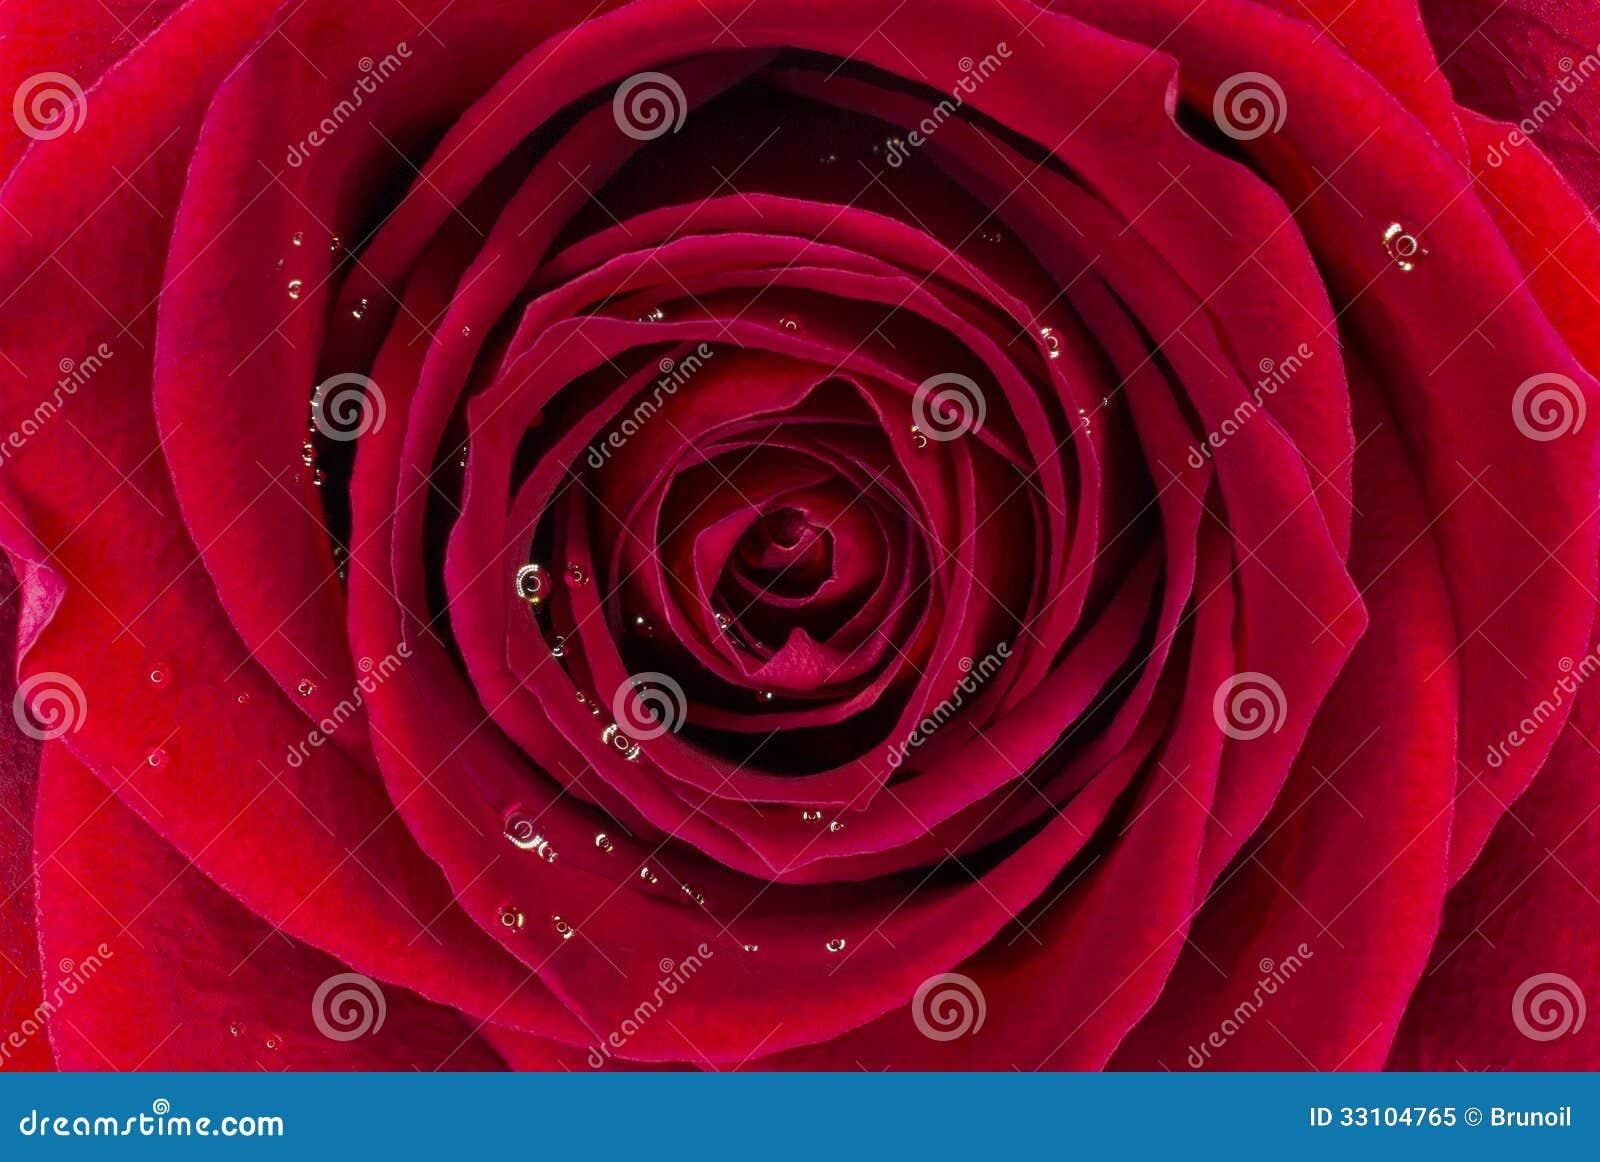 Rode Rose Background